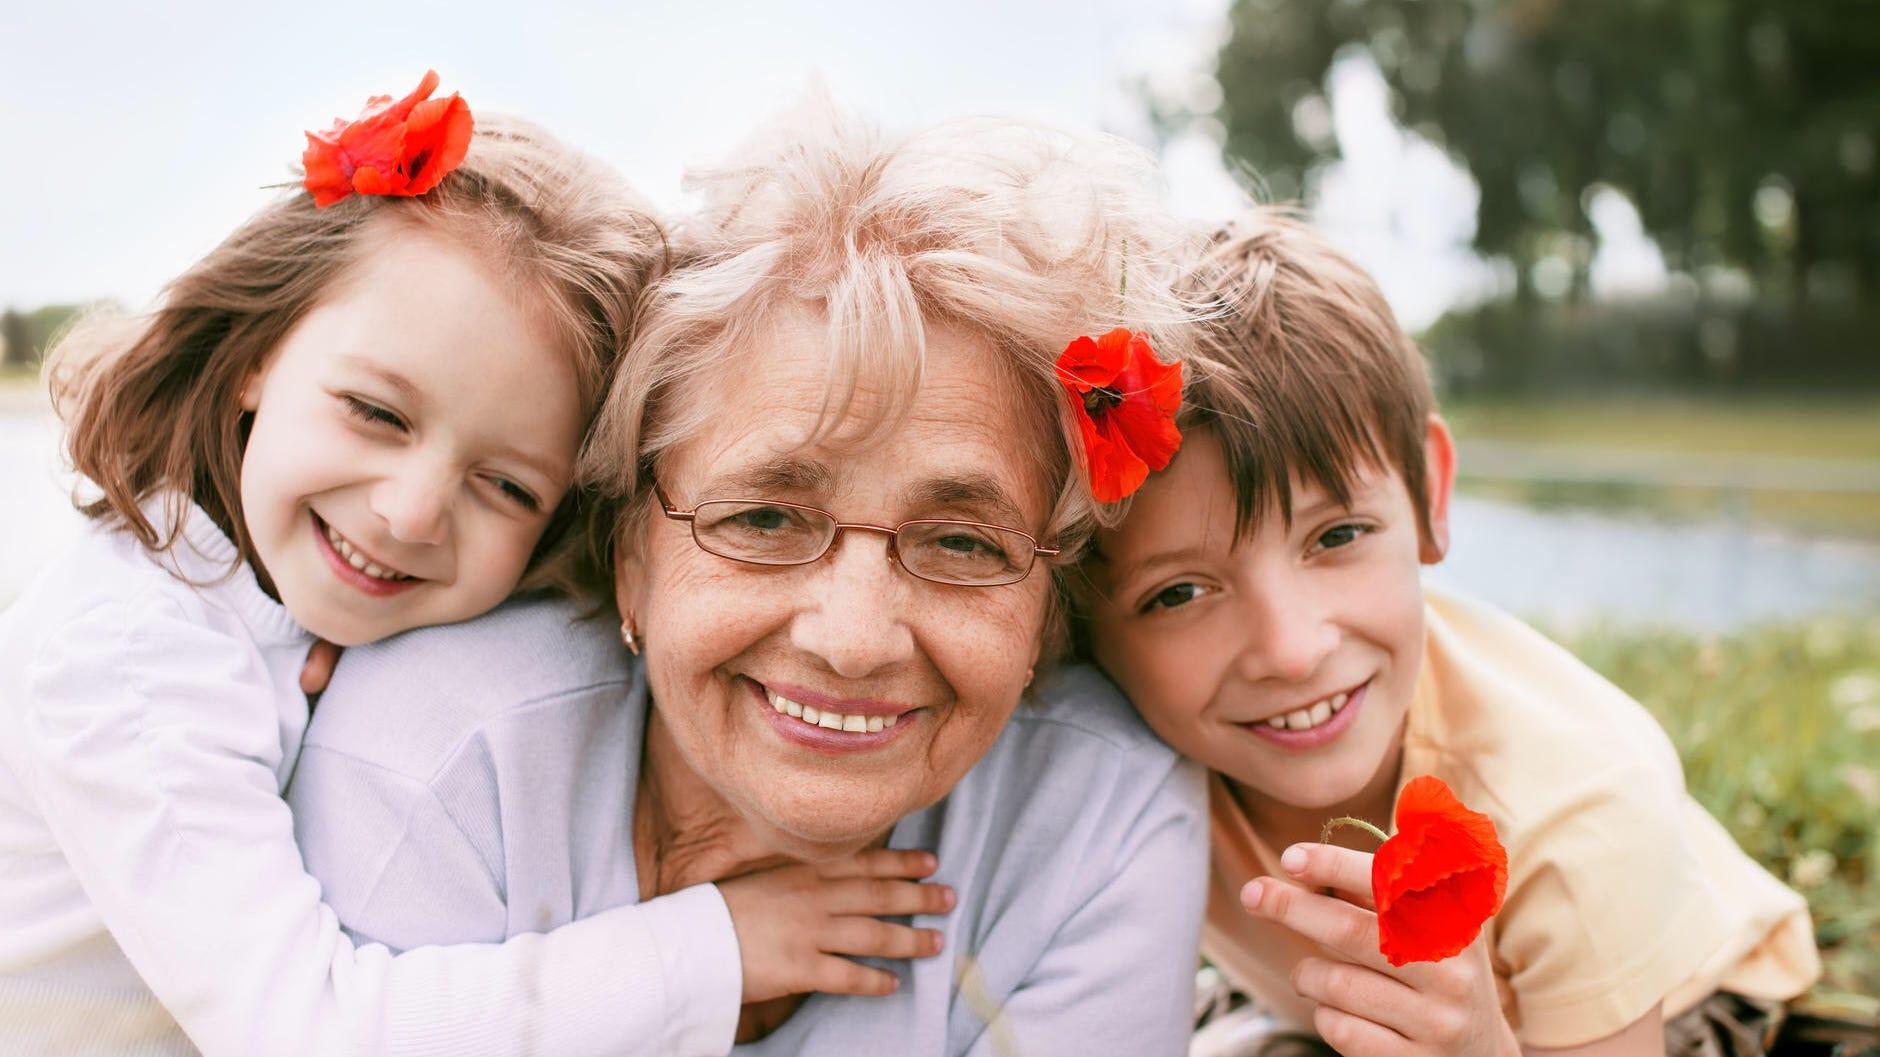 Do you like going to your grandmas